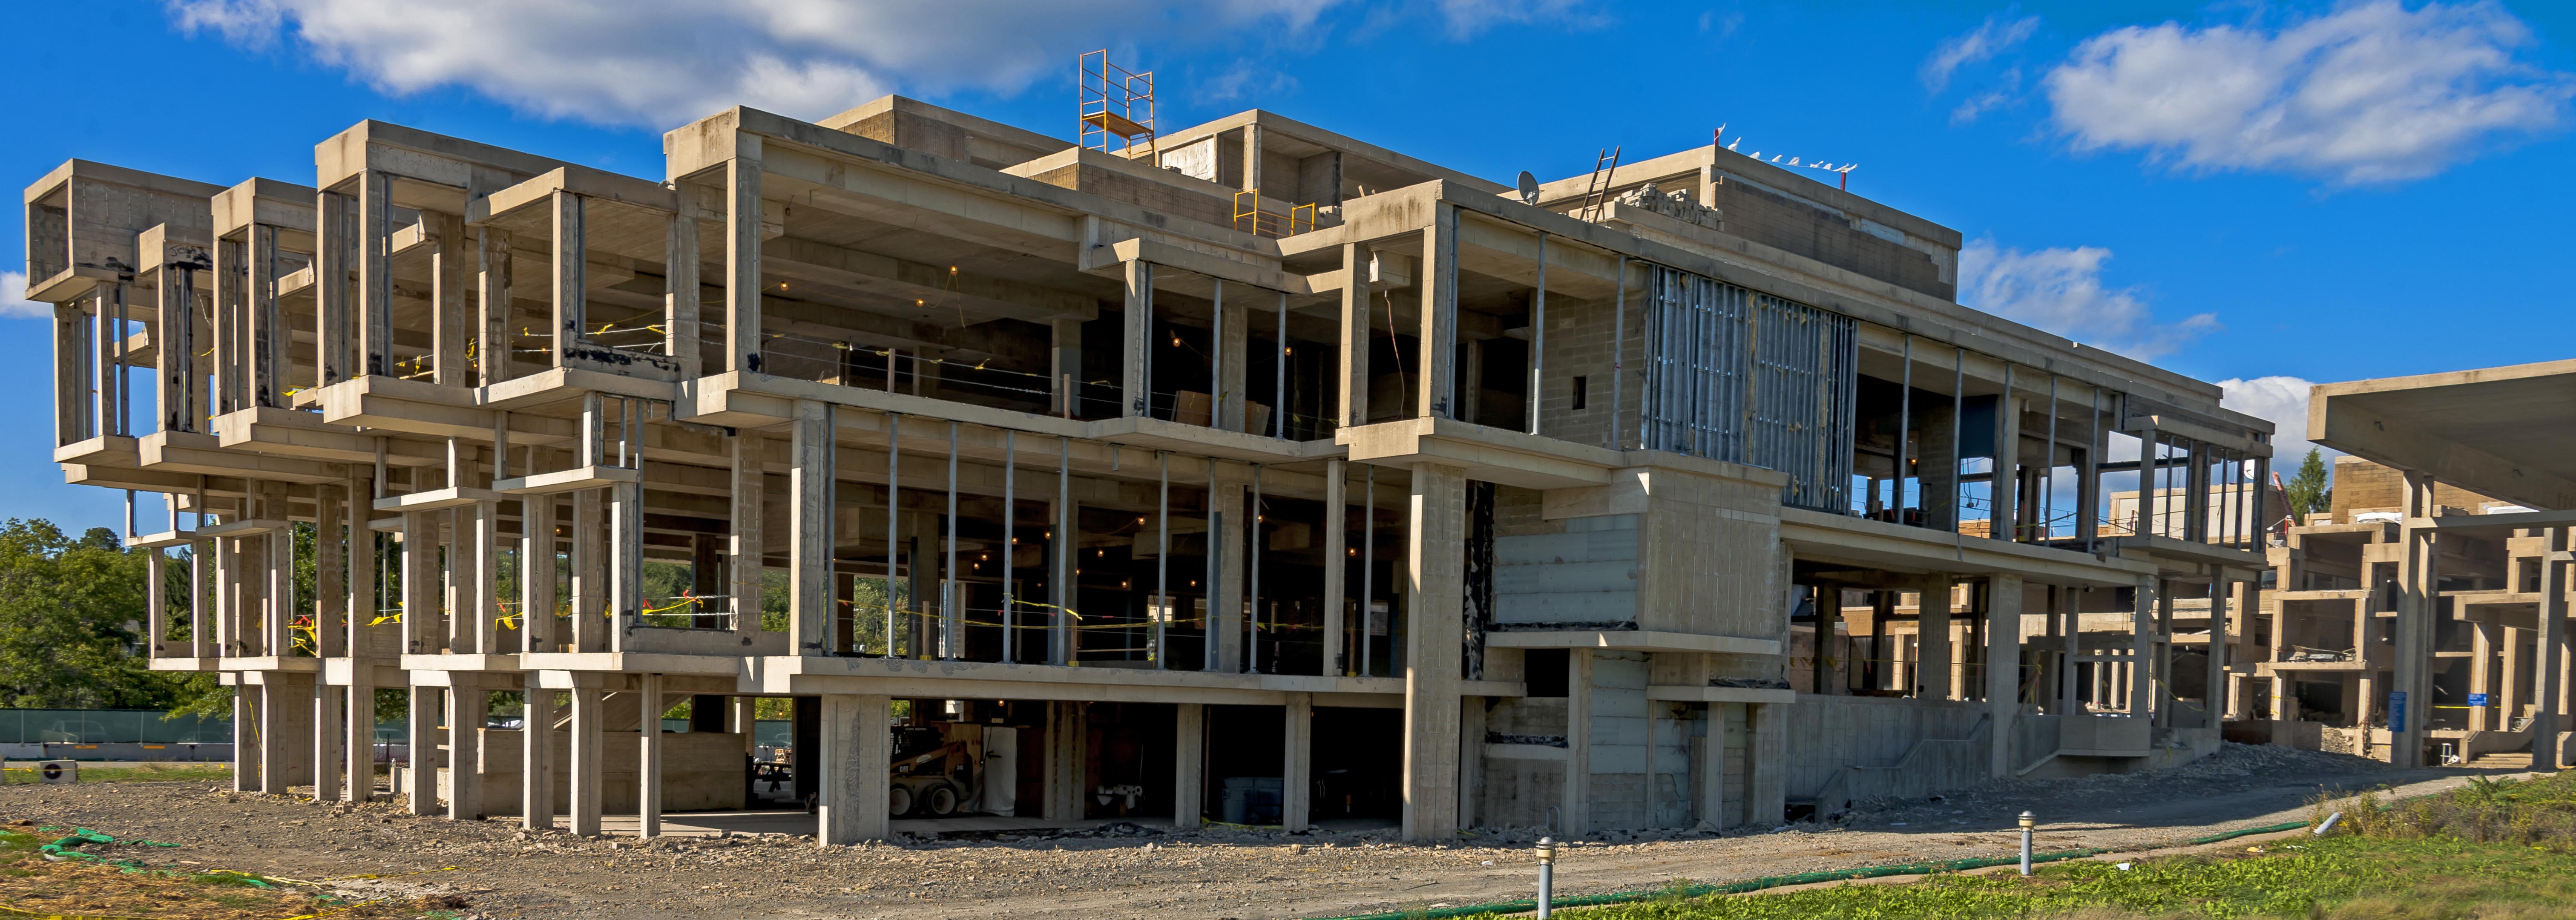 Orange County Government Center - Wikipedia